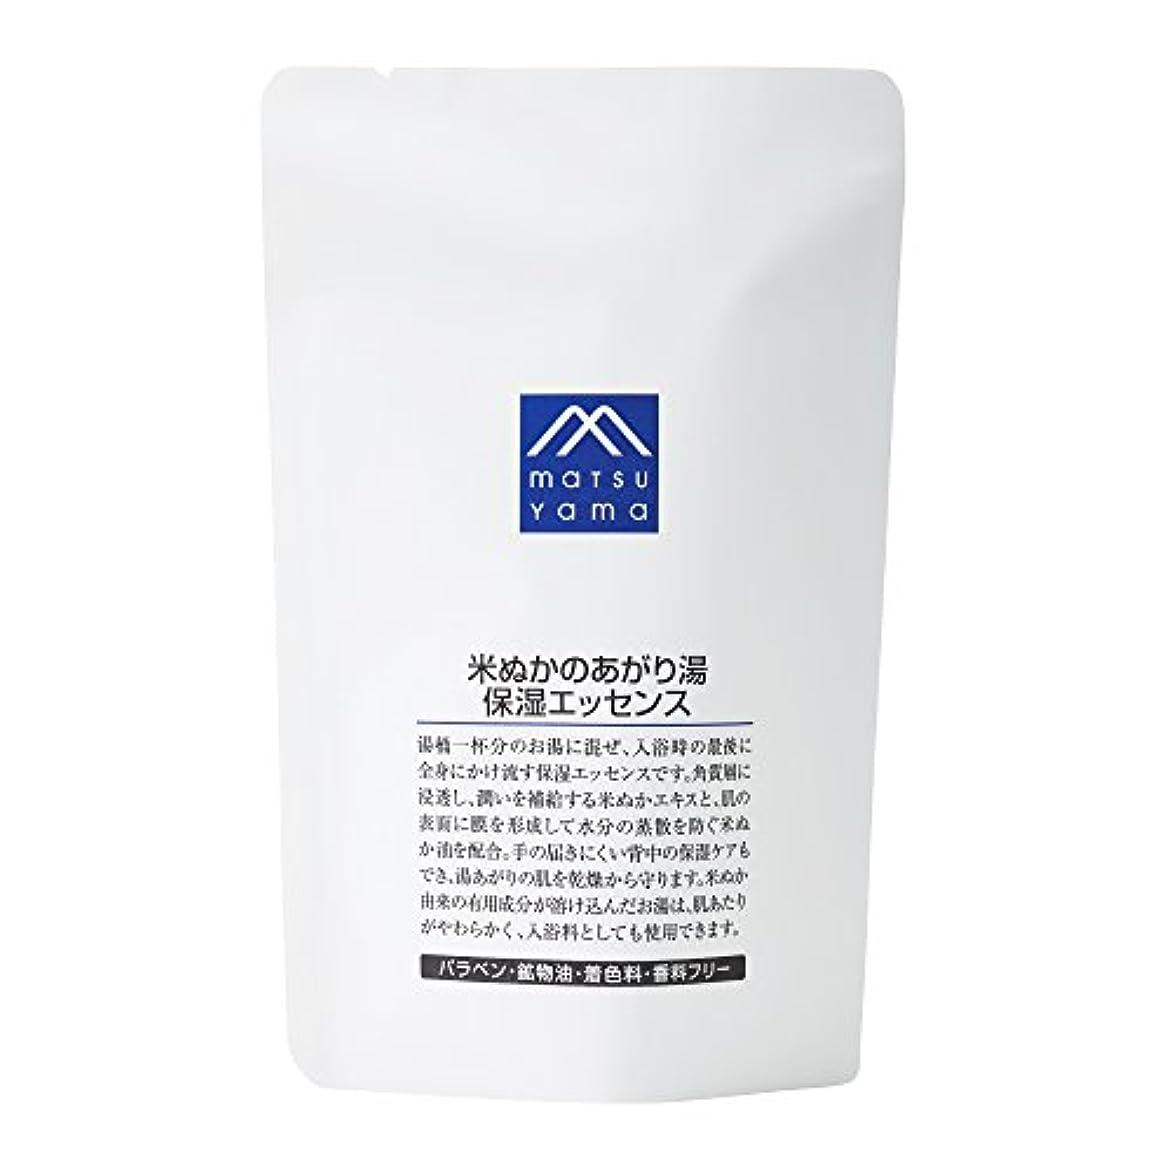 入射端プロフィールM-mark 米ぬかのあがり湯保湿エッセンス 詰替用